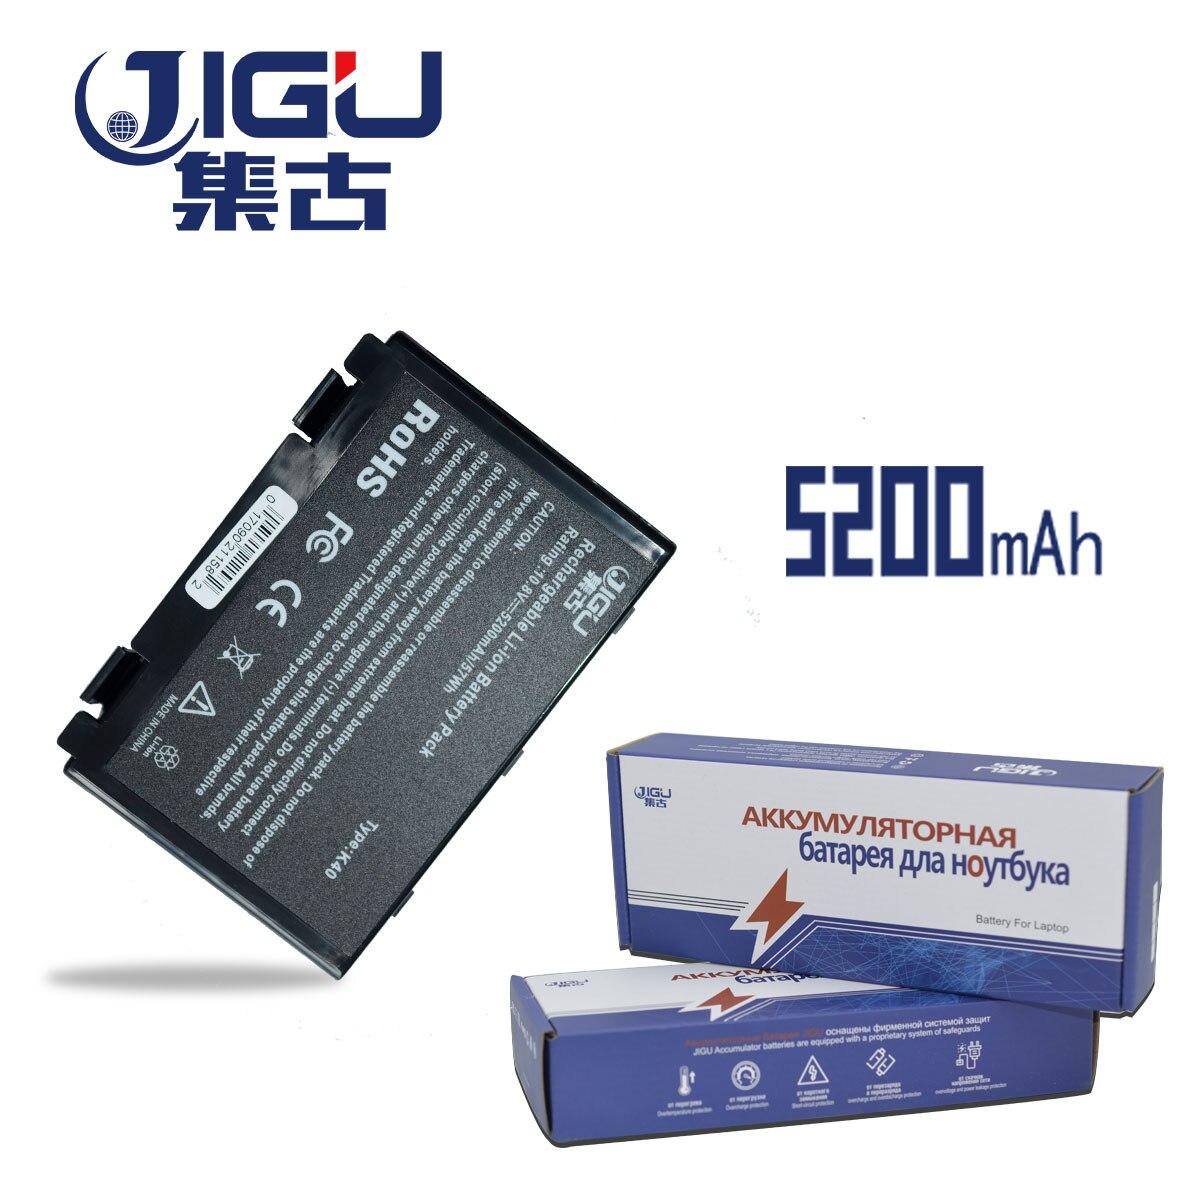 JIGU k50in 6 Cell Battery Pack for Asus K40 / F82 / A32 / F52 / K50 / K60 L0690L6 A32-F82 k40in k40af k50ij